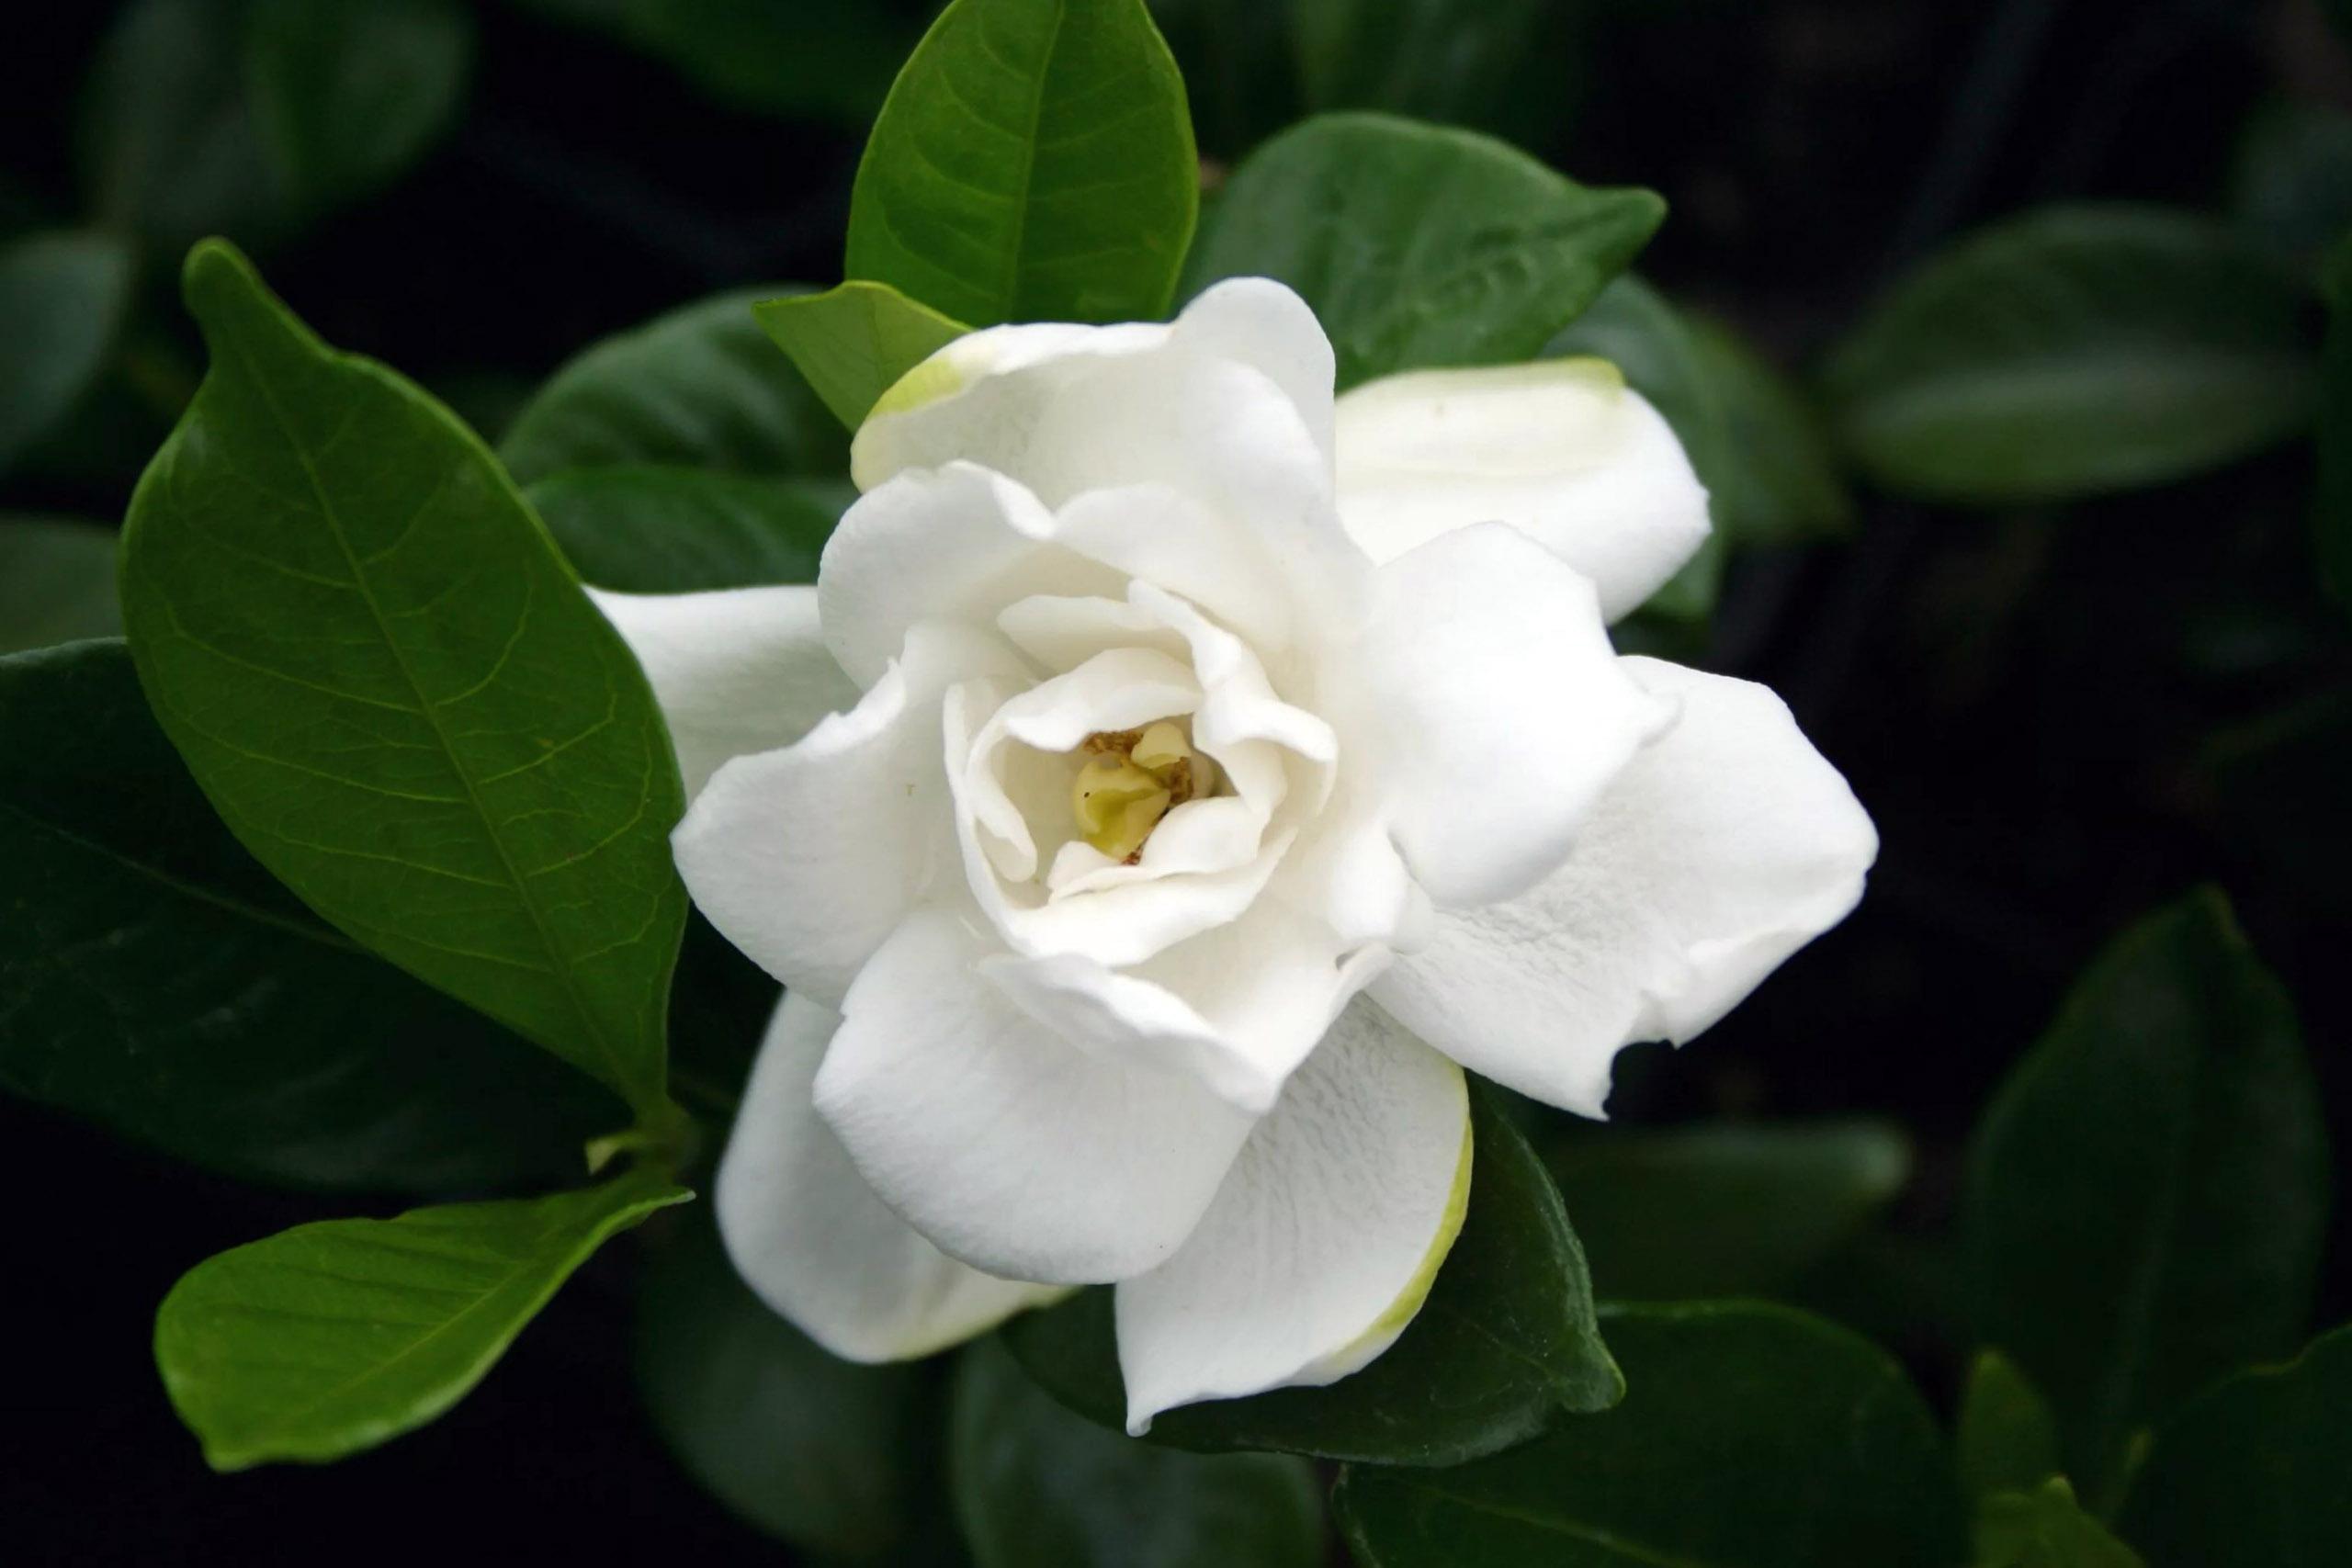 Gardenija baltais žiedais